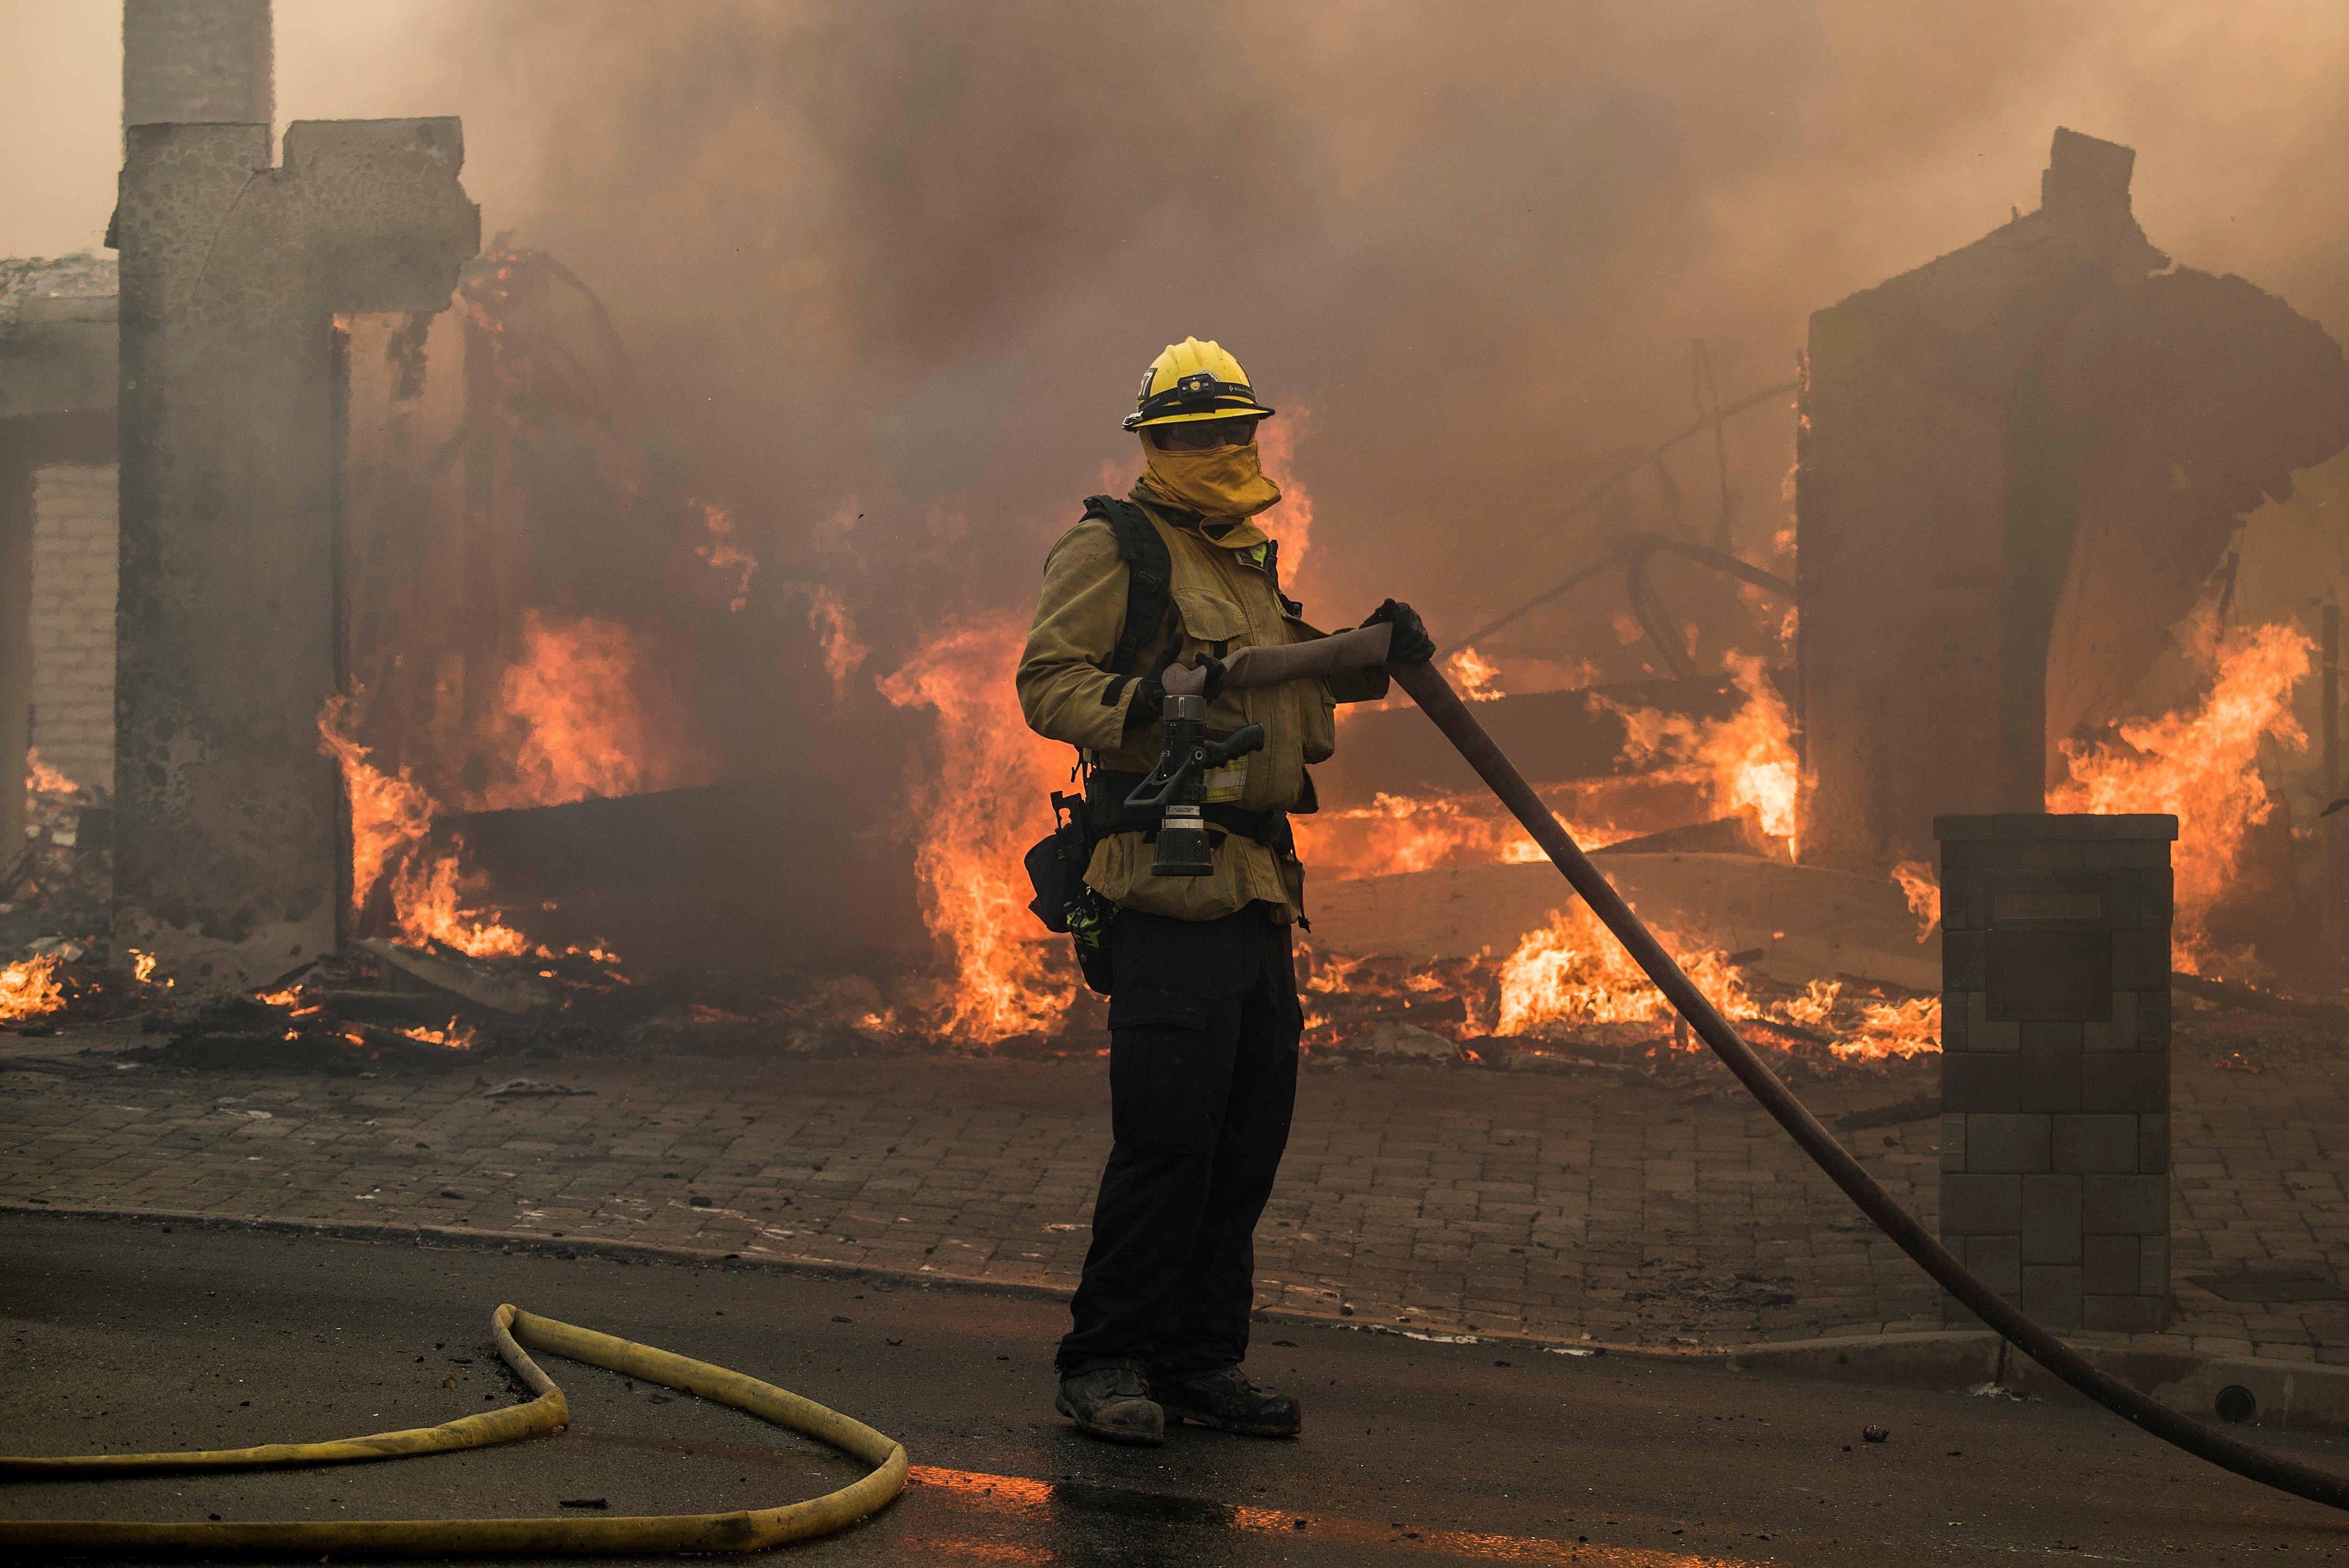 Un bomber treballa en les tasques d'extinció d'un incendi a Ventura, Califòrnia (Estats Units). /JOHN CETRINO